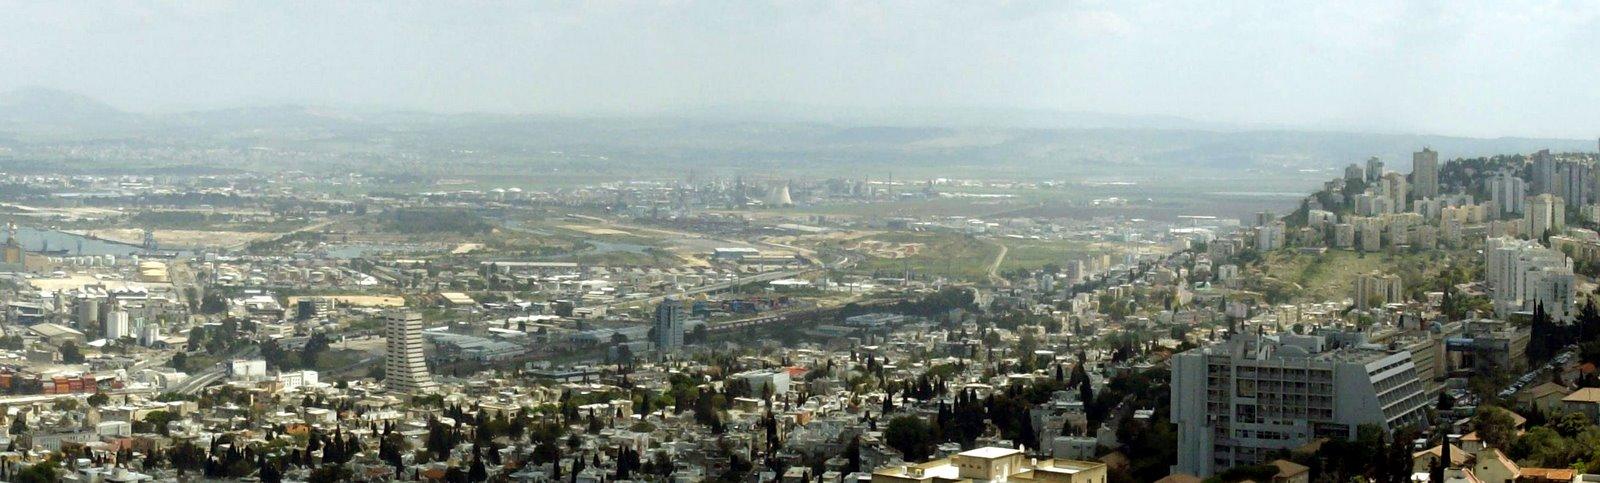 נמל תעופה בינלאומי במפרץ חיפה (5).jpg